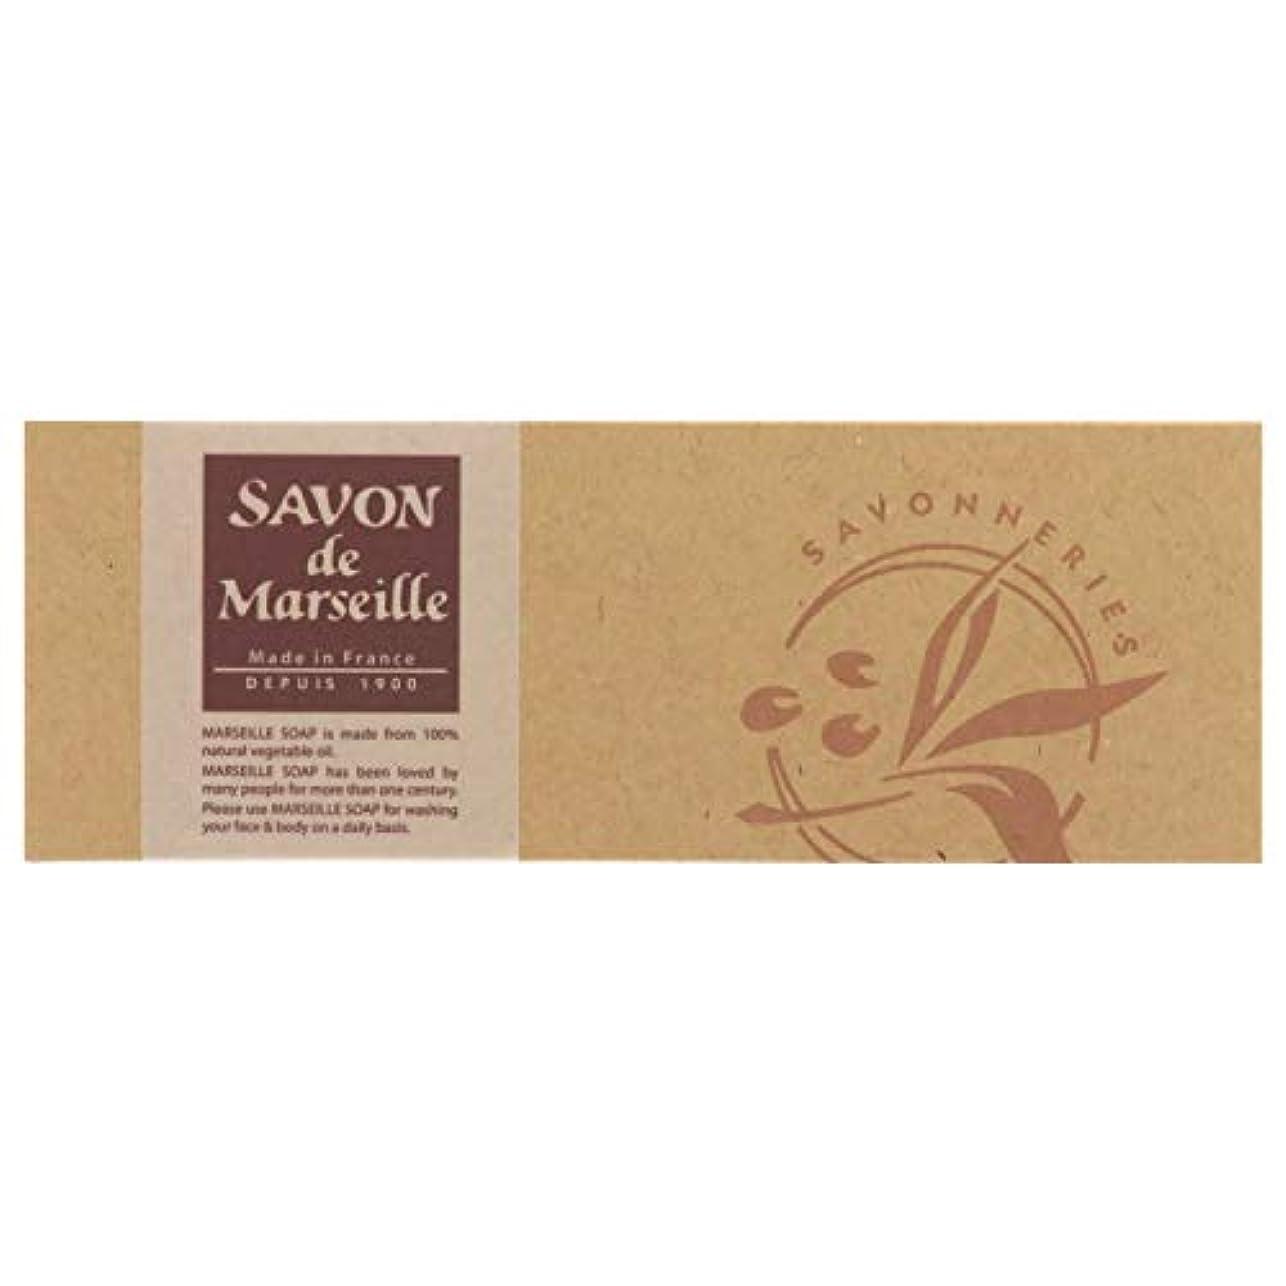 ずらす寛容な批判的にサボンドマルセイユ無香料ギフトセット3個入り